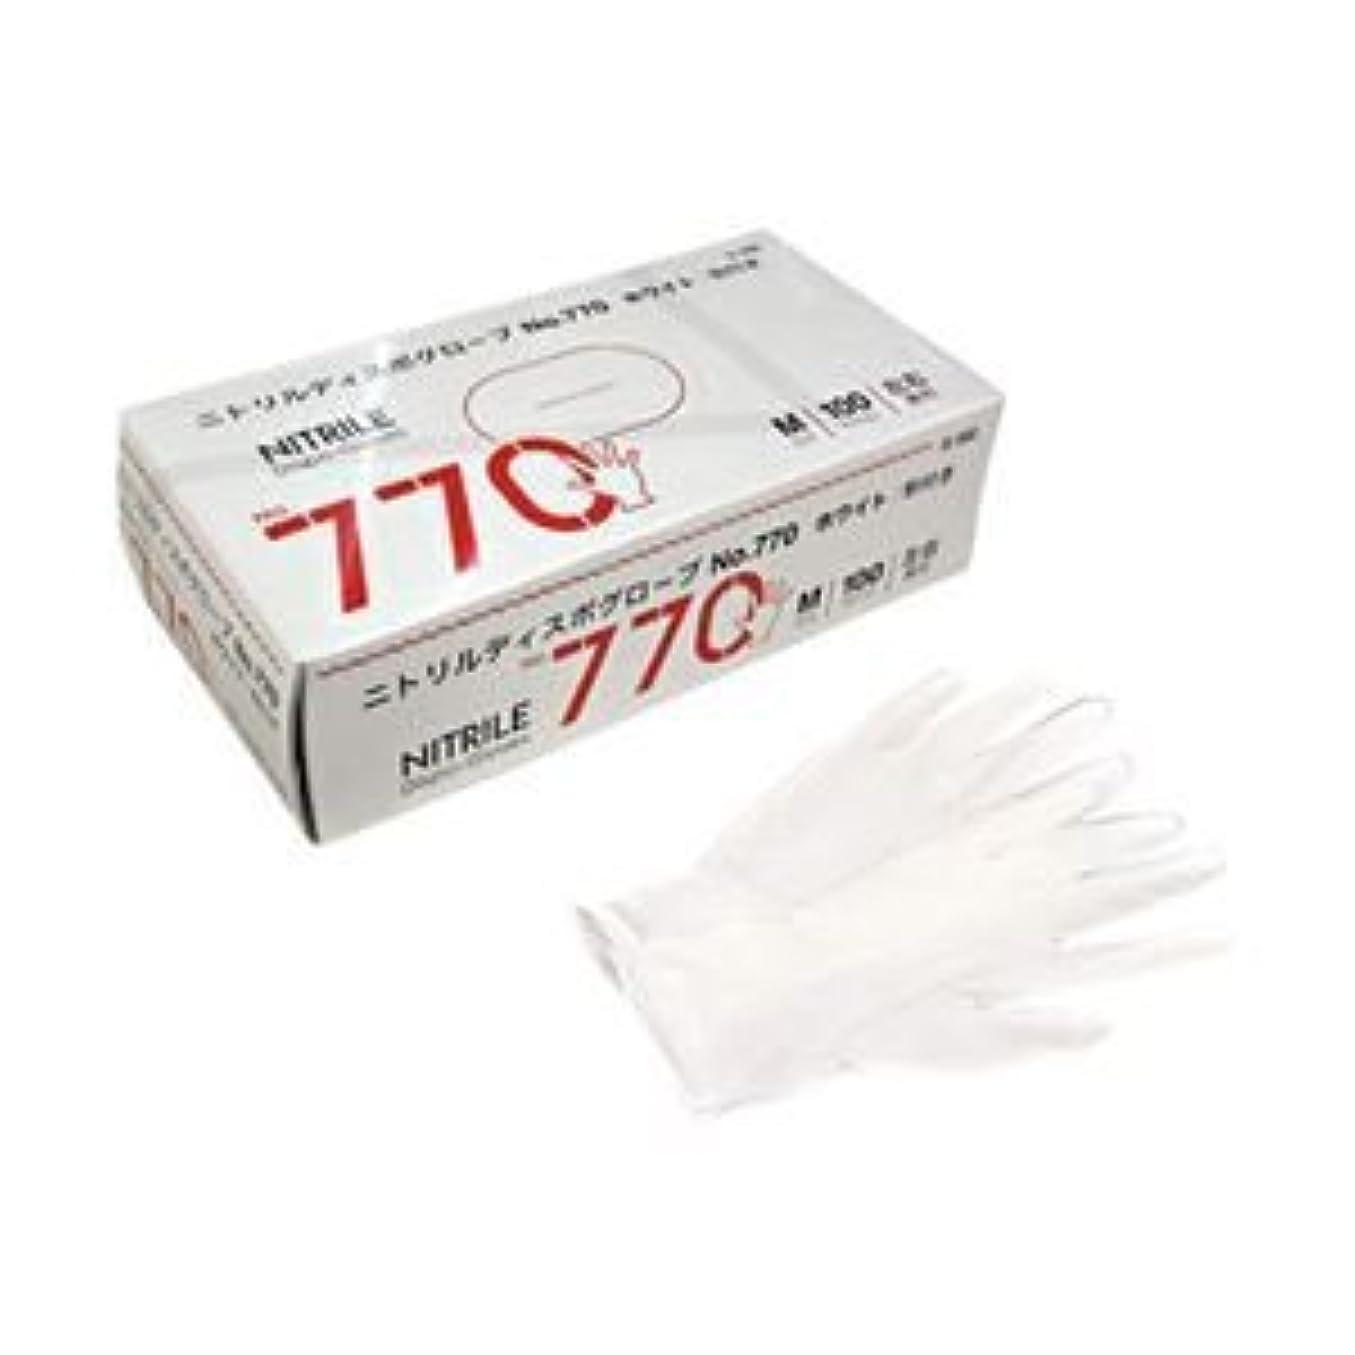 言い直す十分解体する宇都宮製作 ニトリル手袋770 粉付き M 1箱(100枚) ×5セット